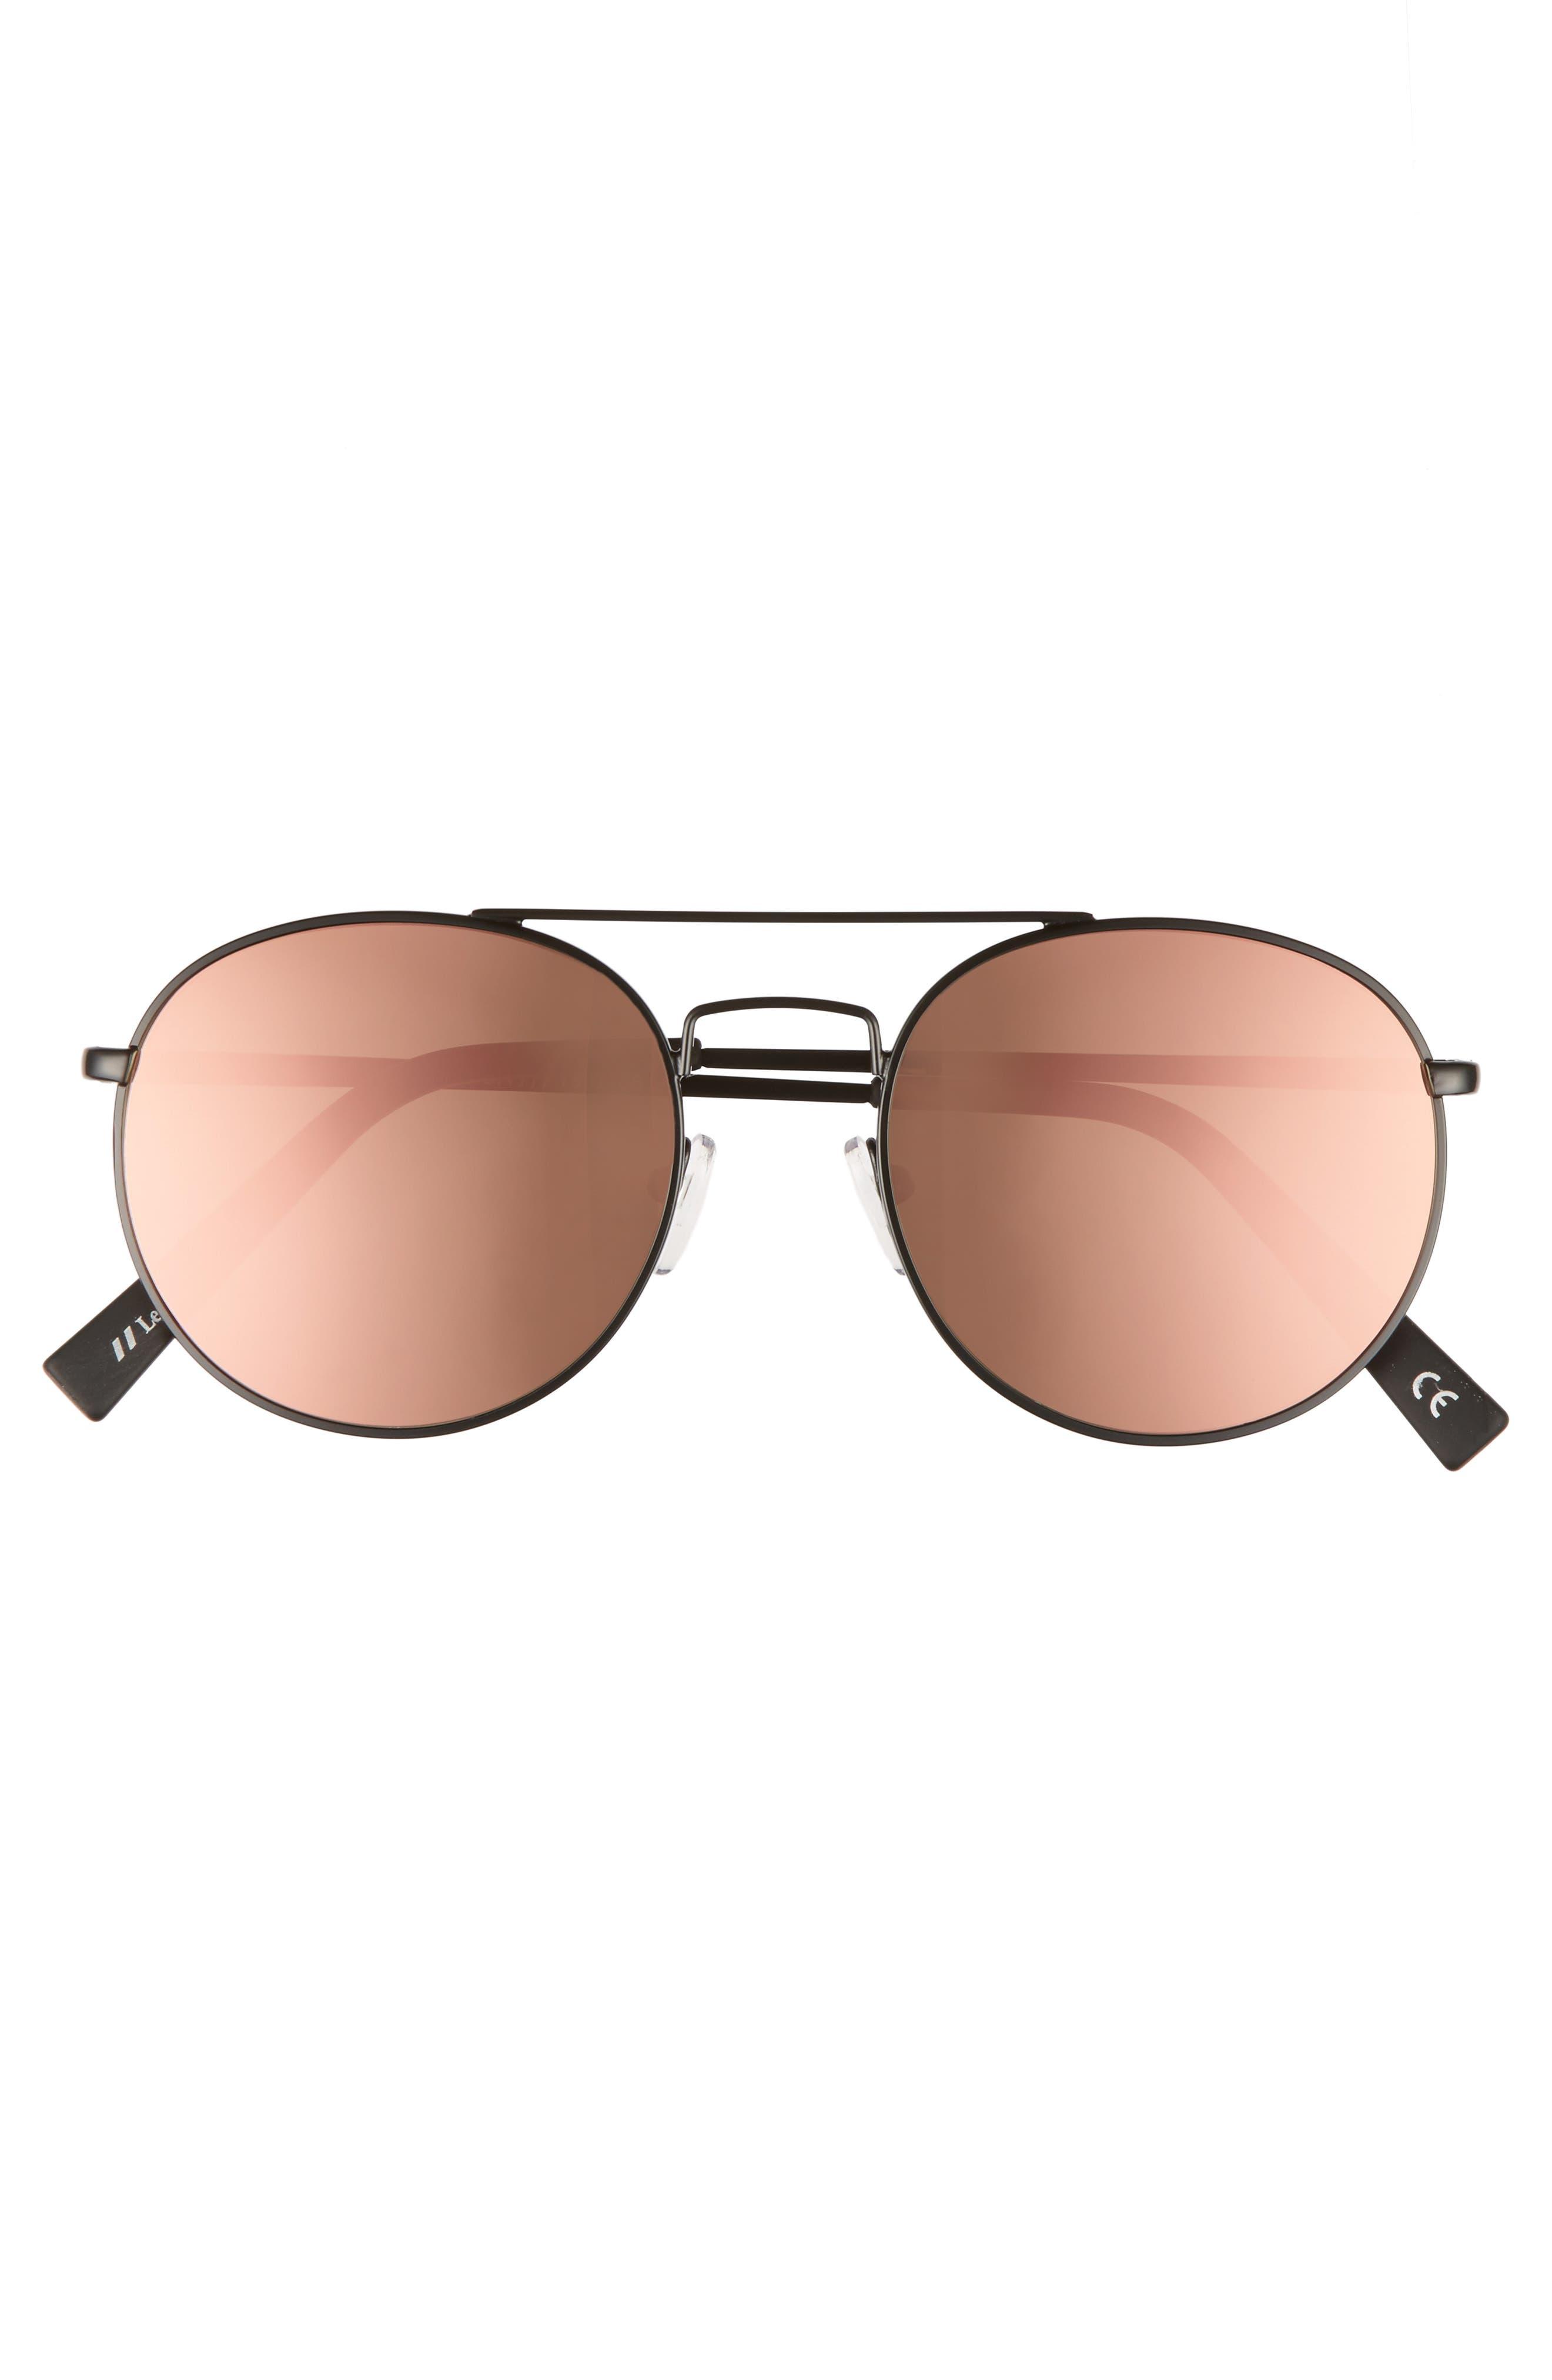 Revolution 53mm Aviator Sunglasses,                             Alternate thumbnail 3, color,                             MATTE BLACK